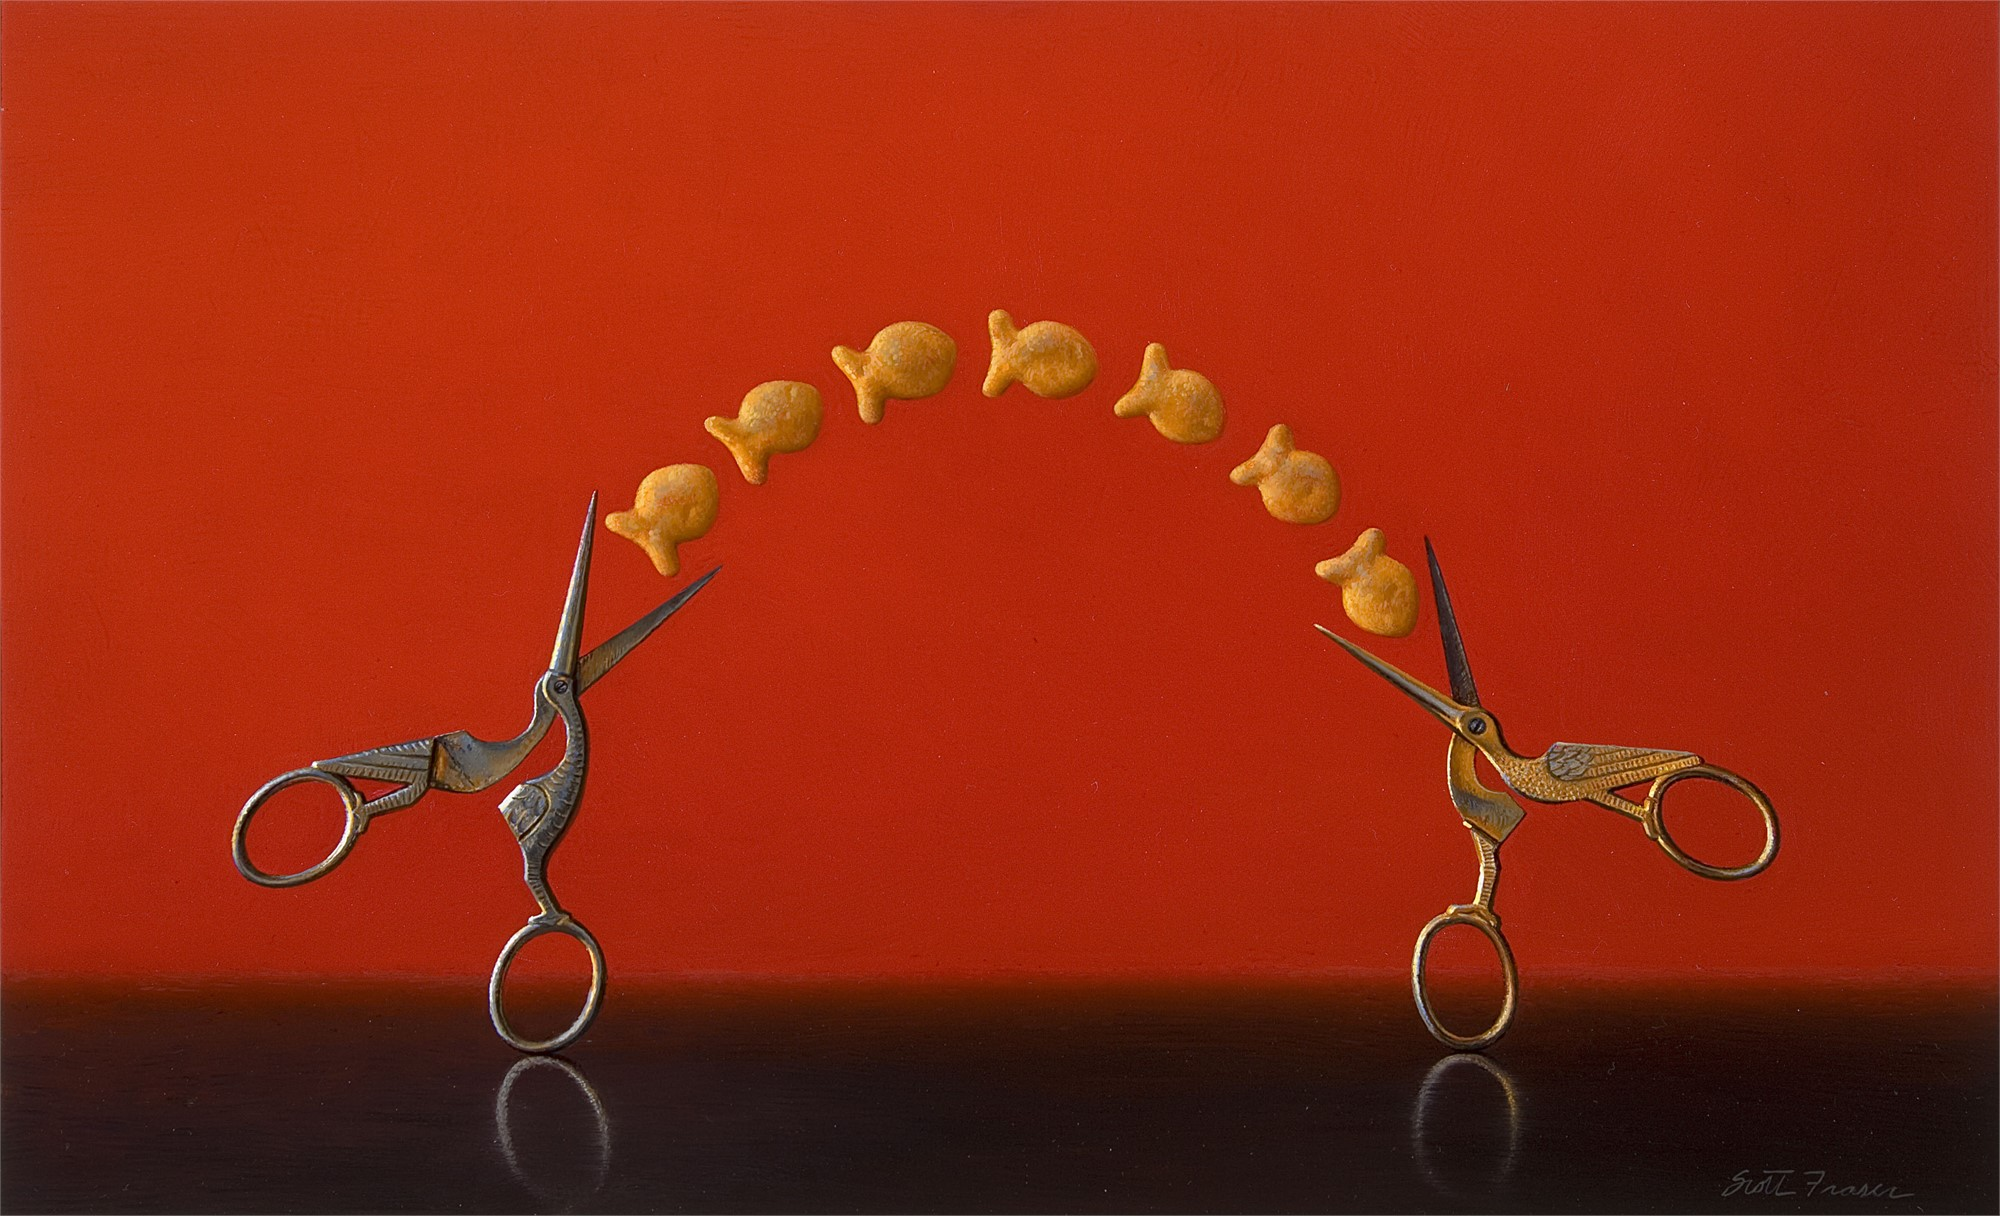 Two Storks by Scott Fraser